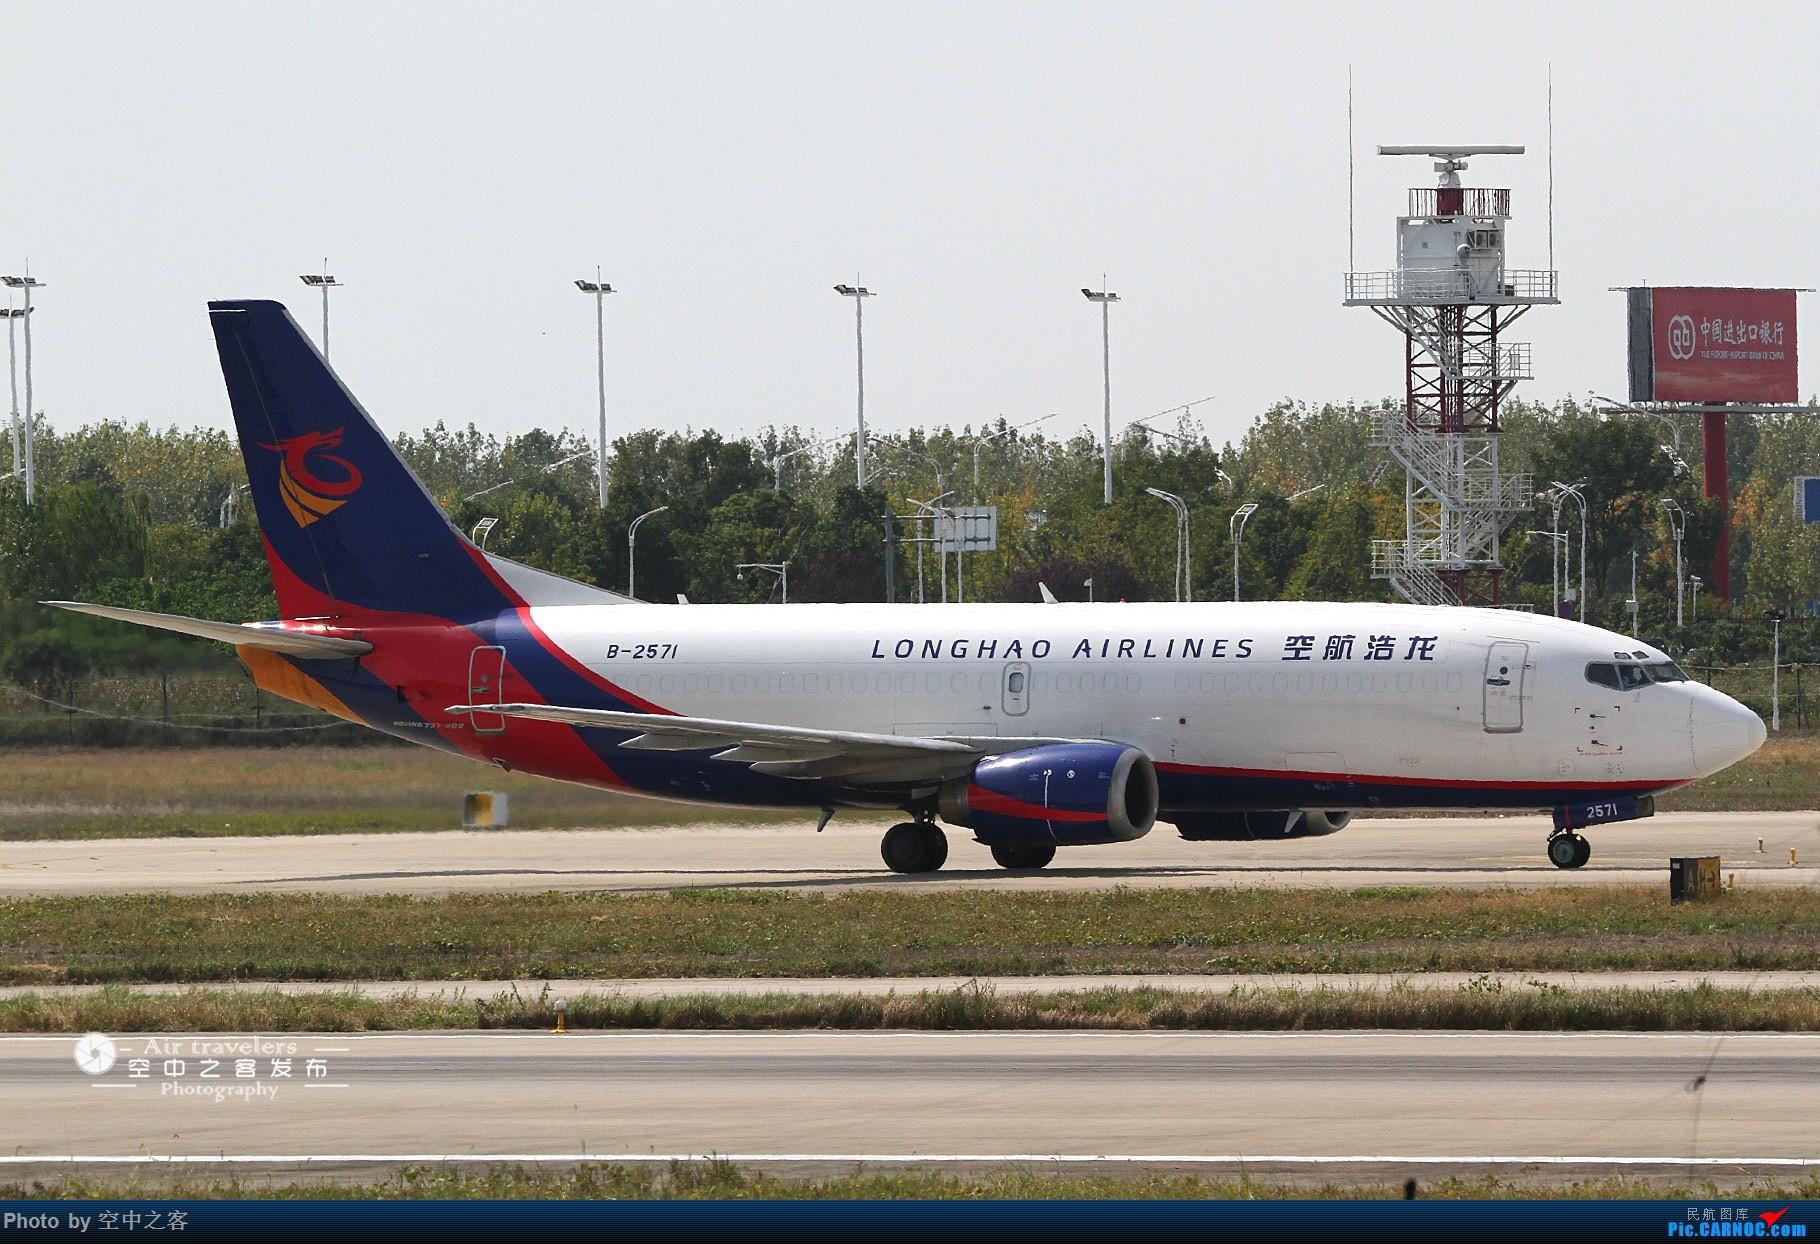 [原创][霸都打机队 空中之客发布]龙浩航空波音733自改货机新桥机场本场... BOEING 737-300 B-2571 合肥新桥国际机场